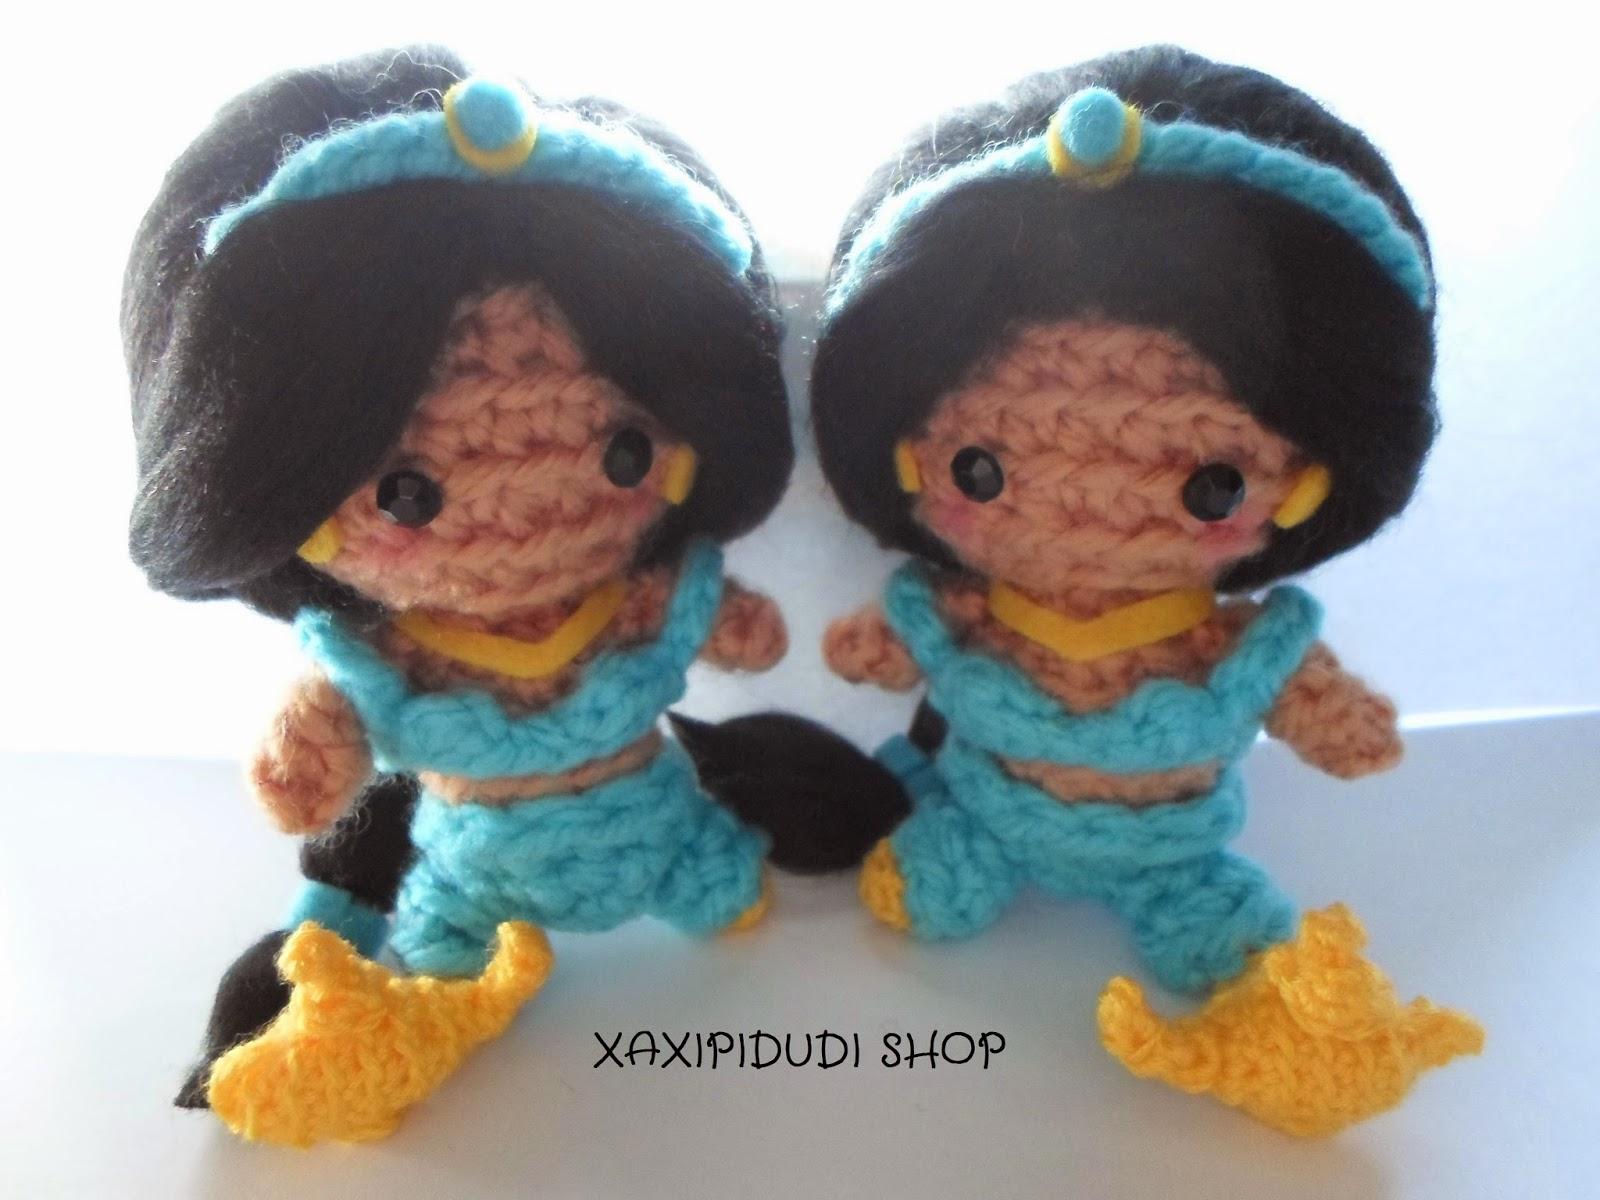 Amigurumi Princesas Disney : XAXIPIDUDI SHOP: Amigurumis y mucho mas.: AMIGURUMI ...